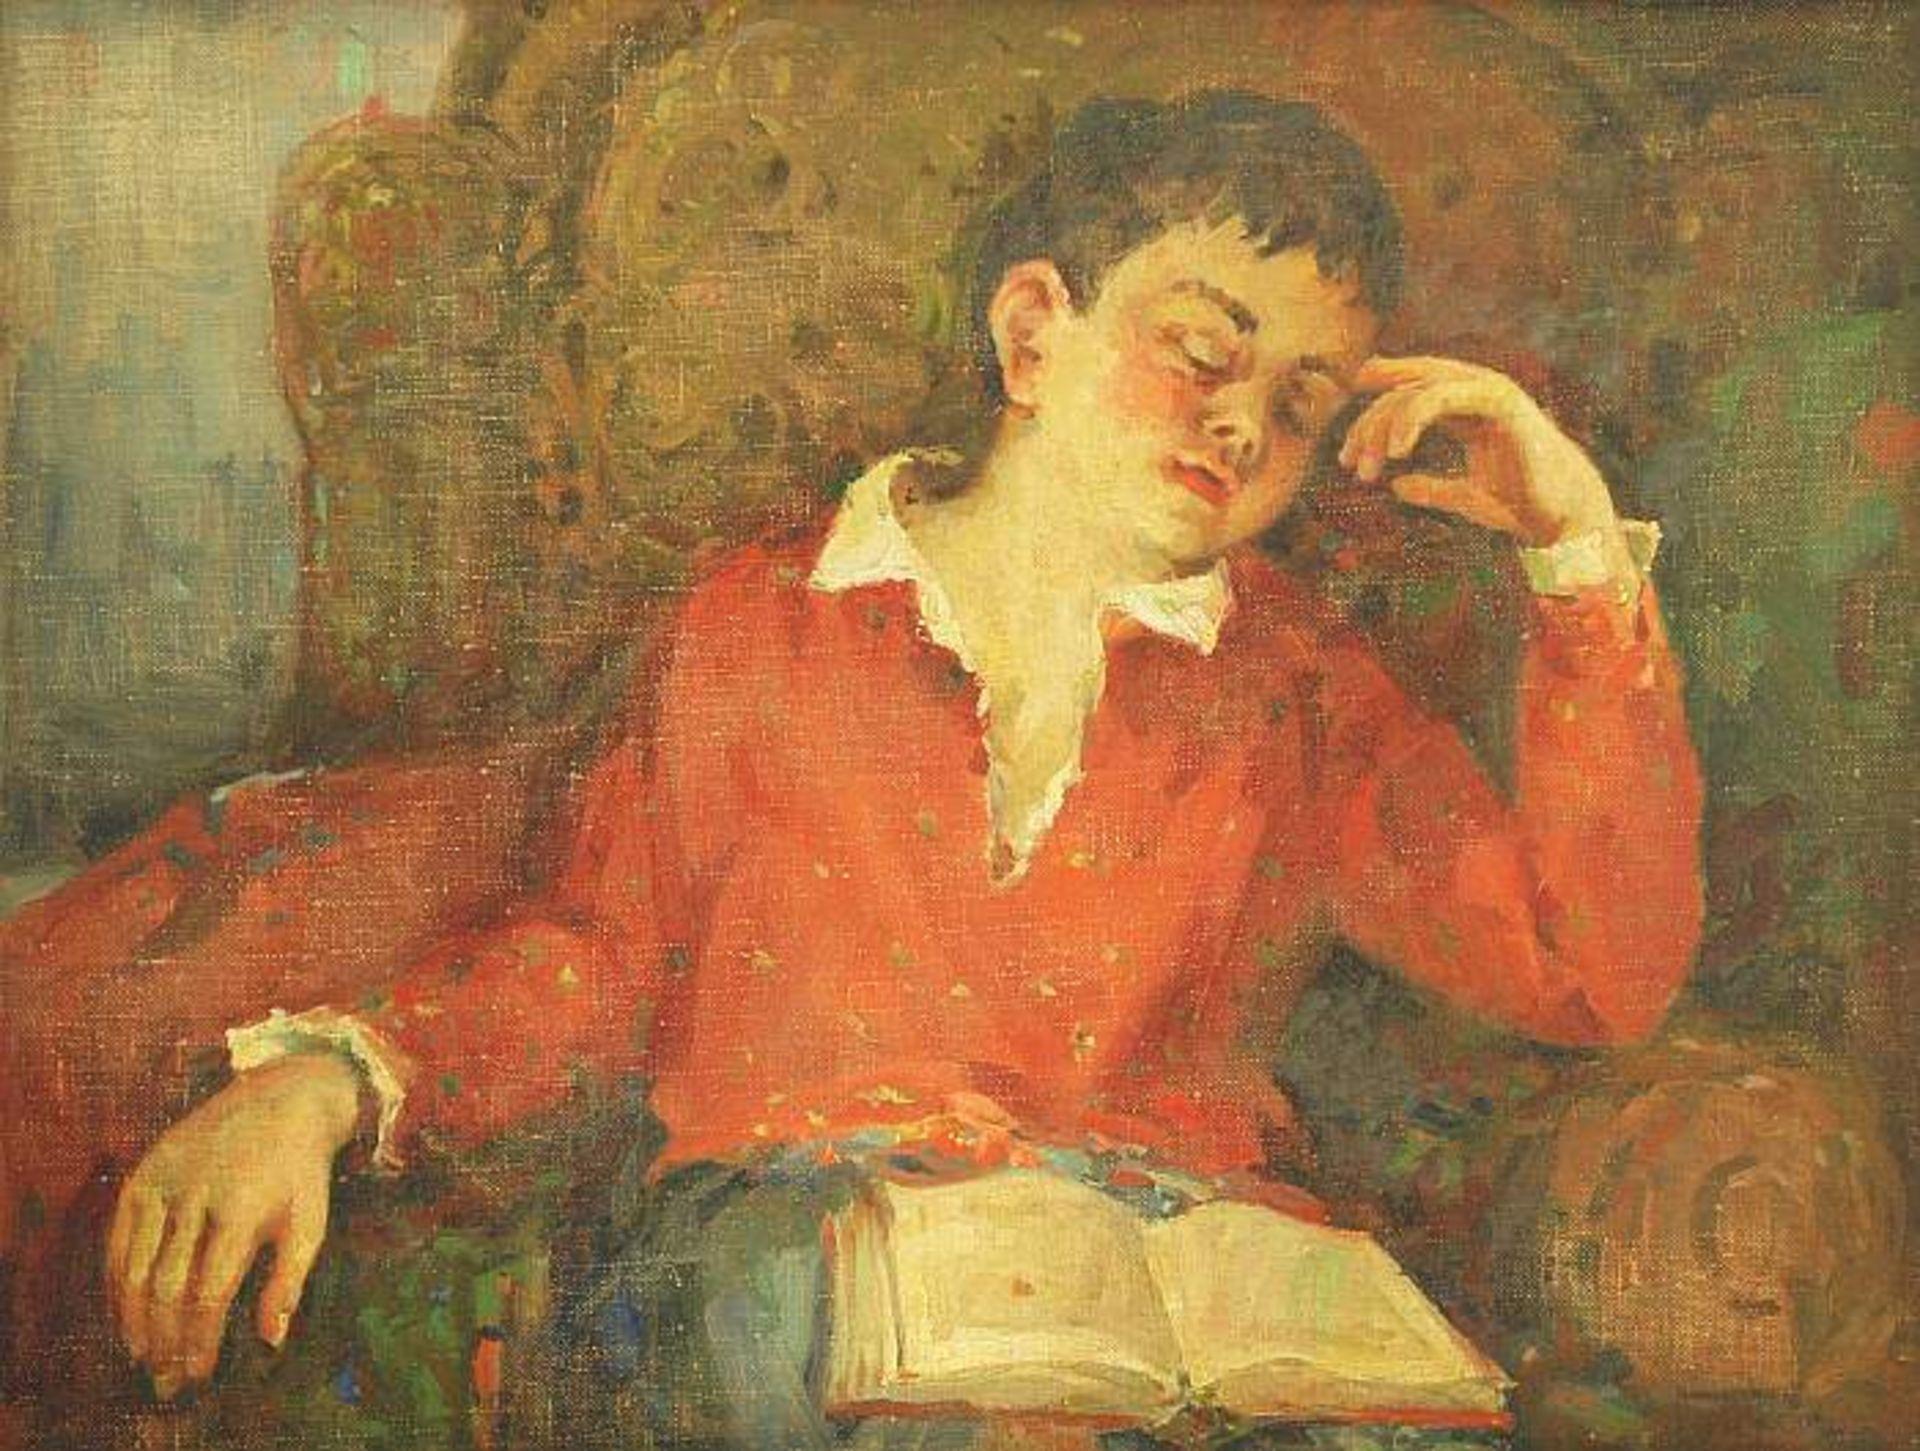 MORAVOV, Alexander Victorovich. 1878 Kiew - 1951 Moskau. Schlafender Junge im Sessel, ein aufgesch